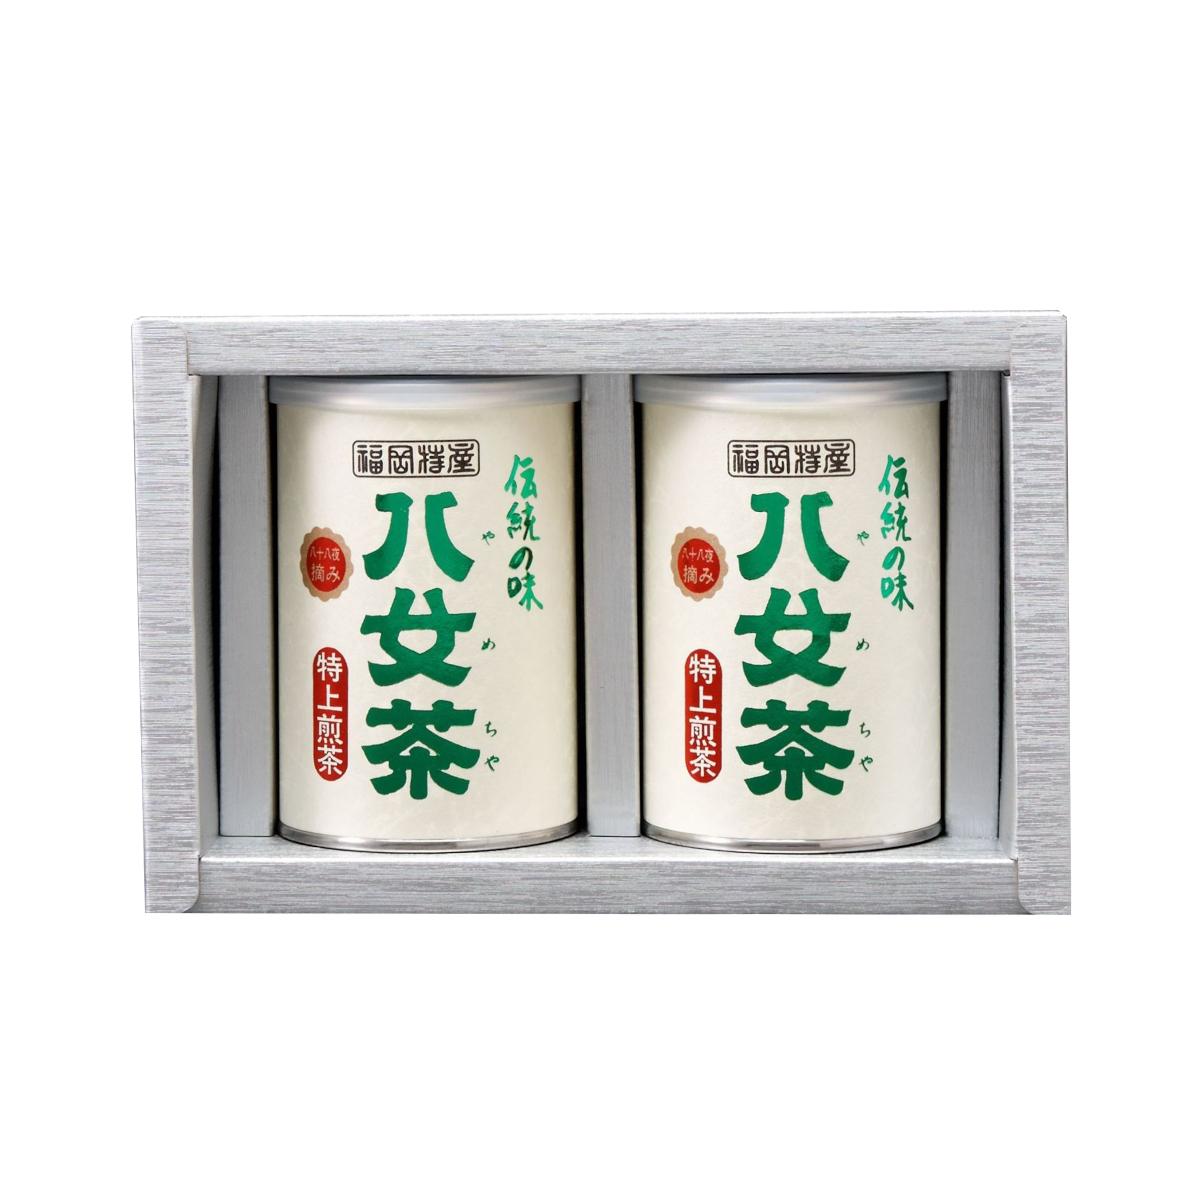 【G-204・ニ】特上煎茶 2缶ギフト